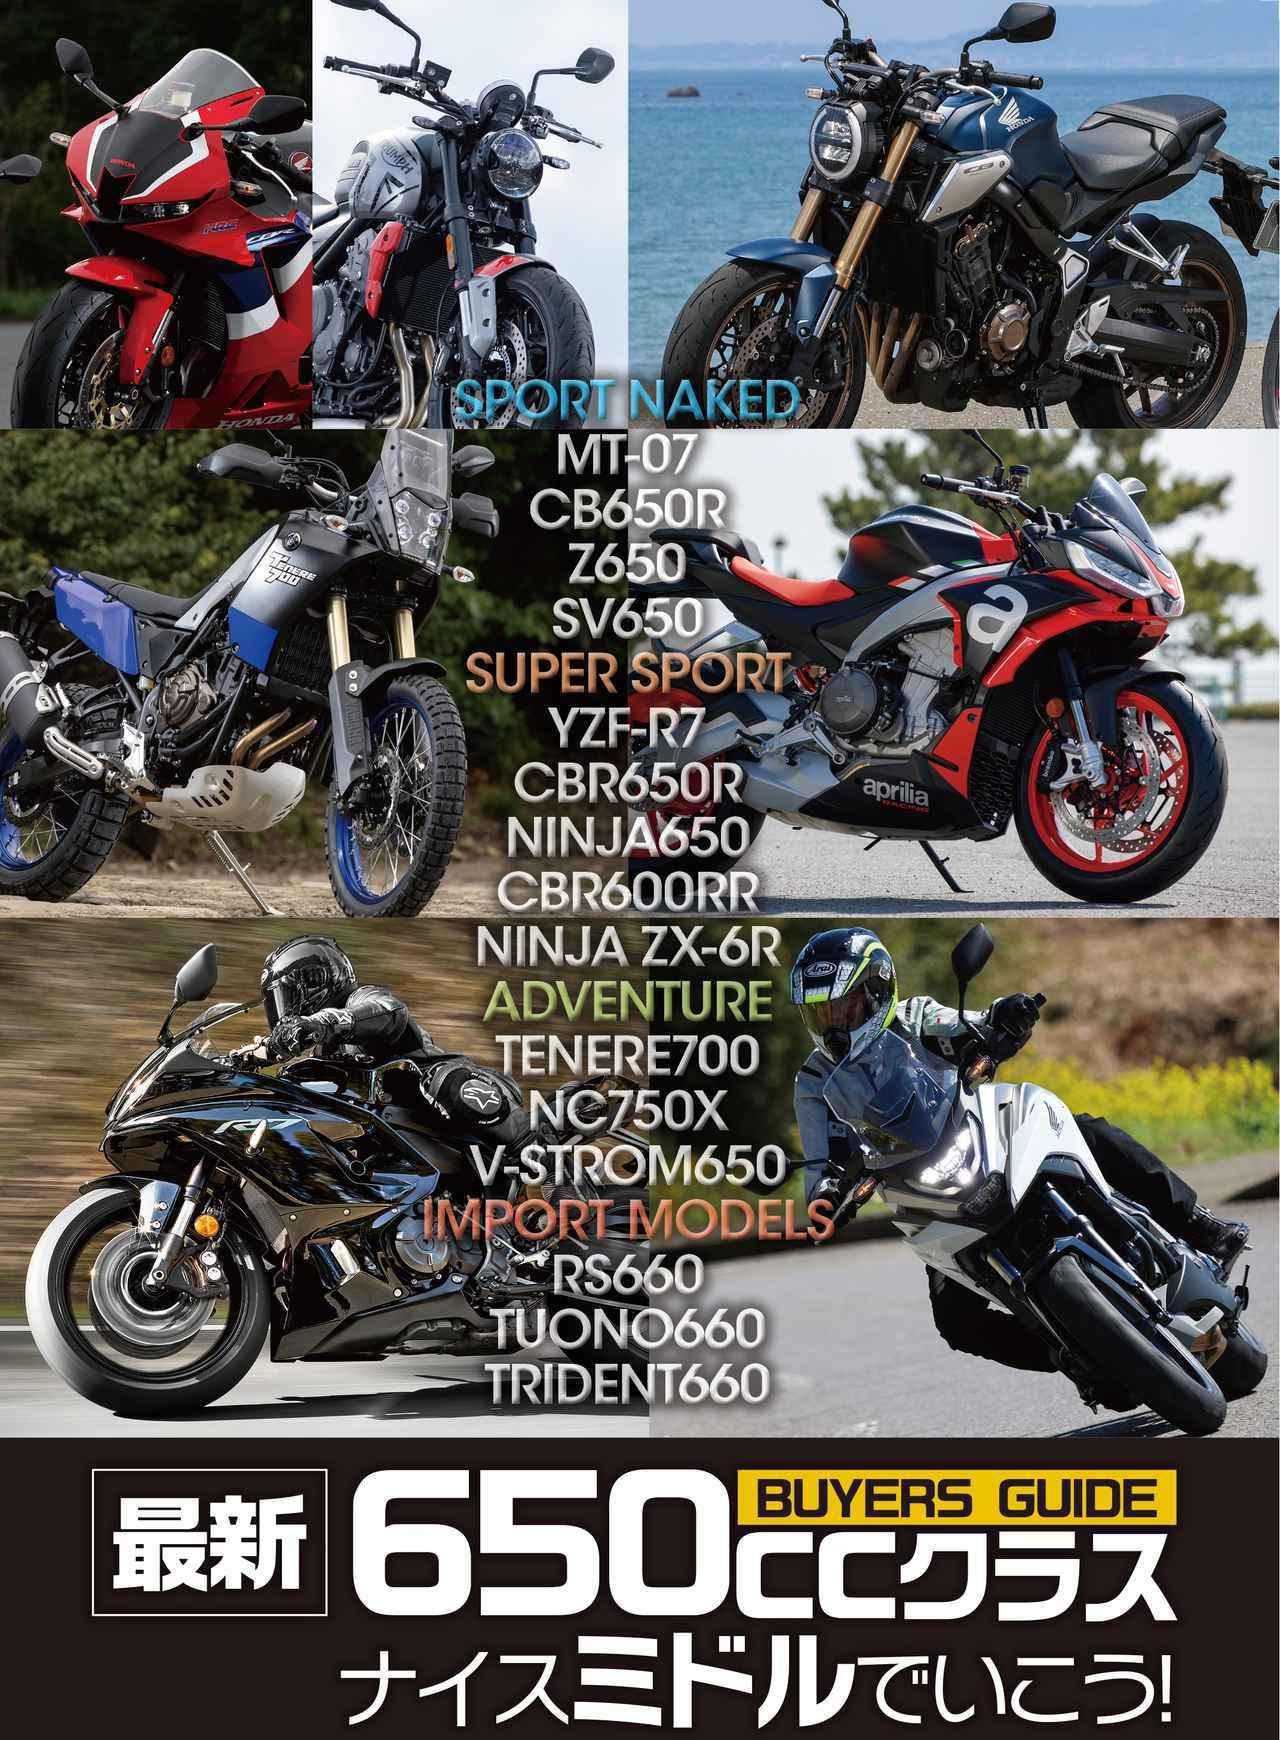 画像1: 月刊『オートバイ』は国内~海外カスタムモデルまで情報盛りだくさん